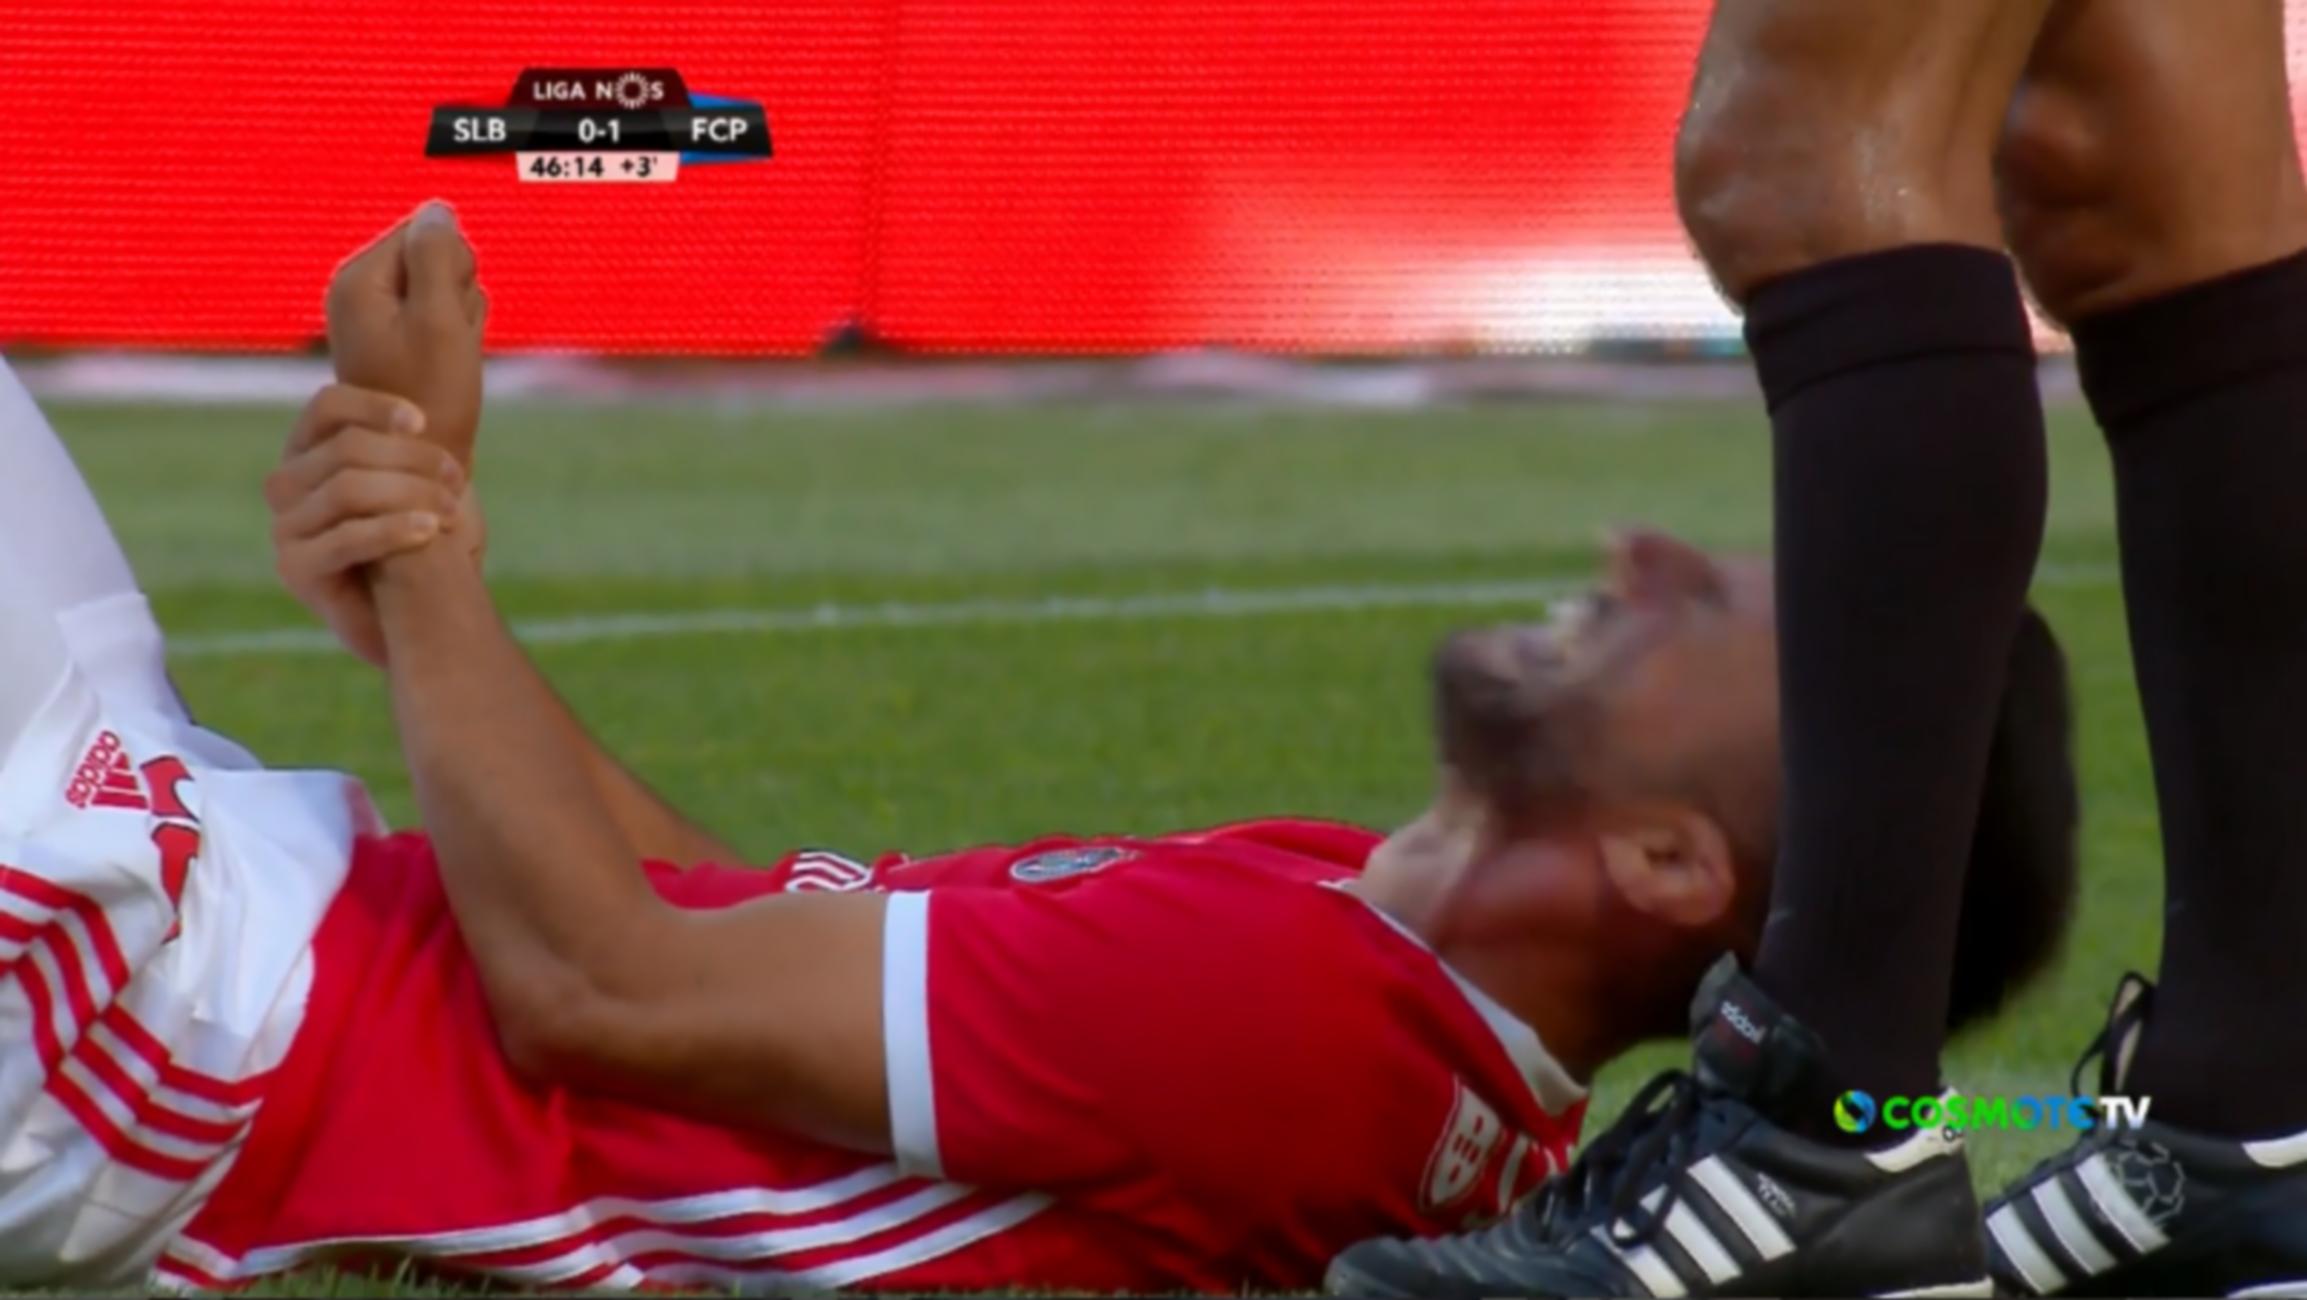 """Σοκαριστικός τραυματισμός για τον Σάμαρη! """"Σφάδαζε"""" στο χορτάρι ο διεθνής μέσος- video"""